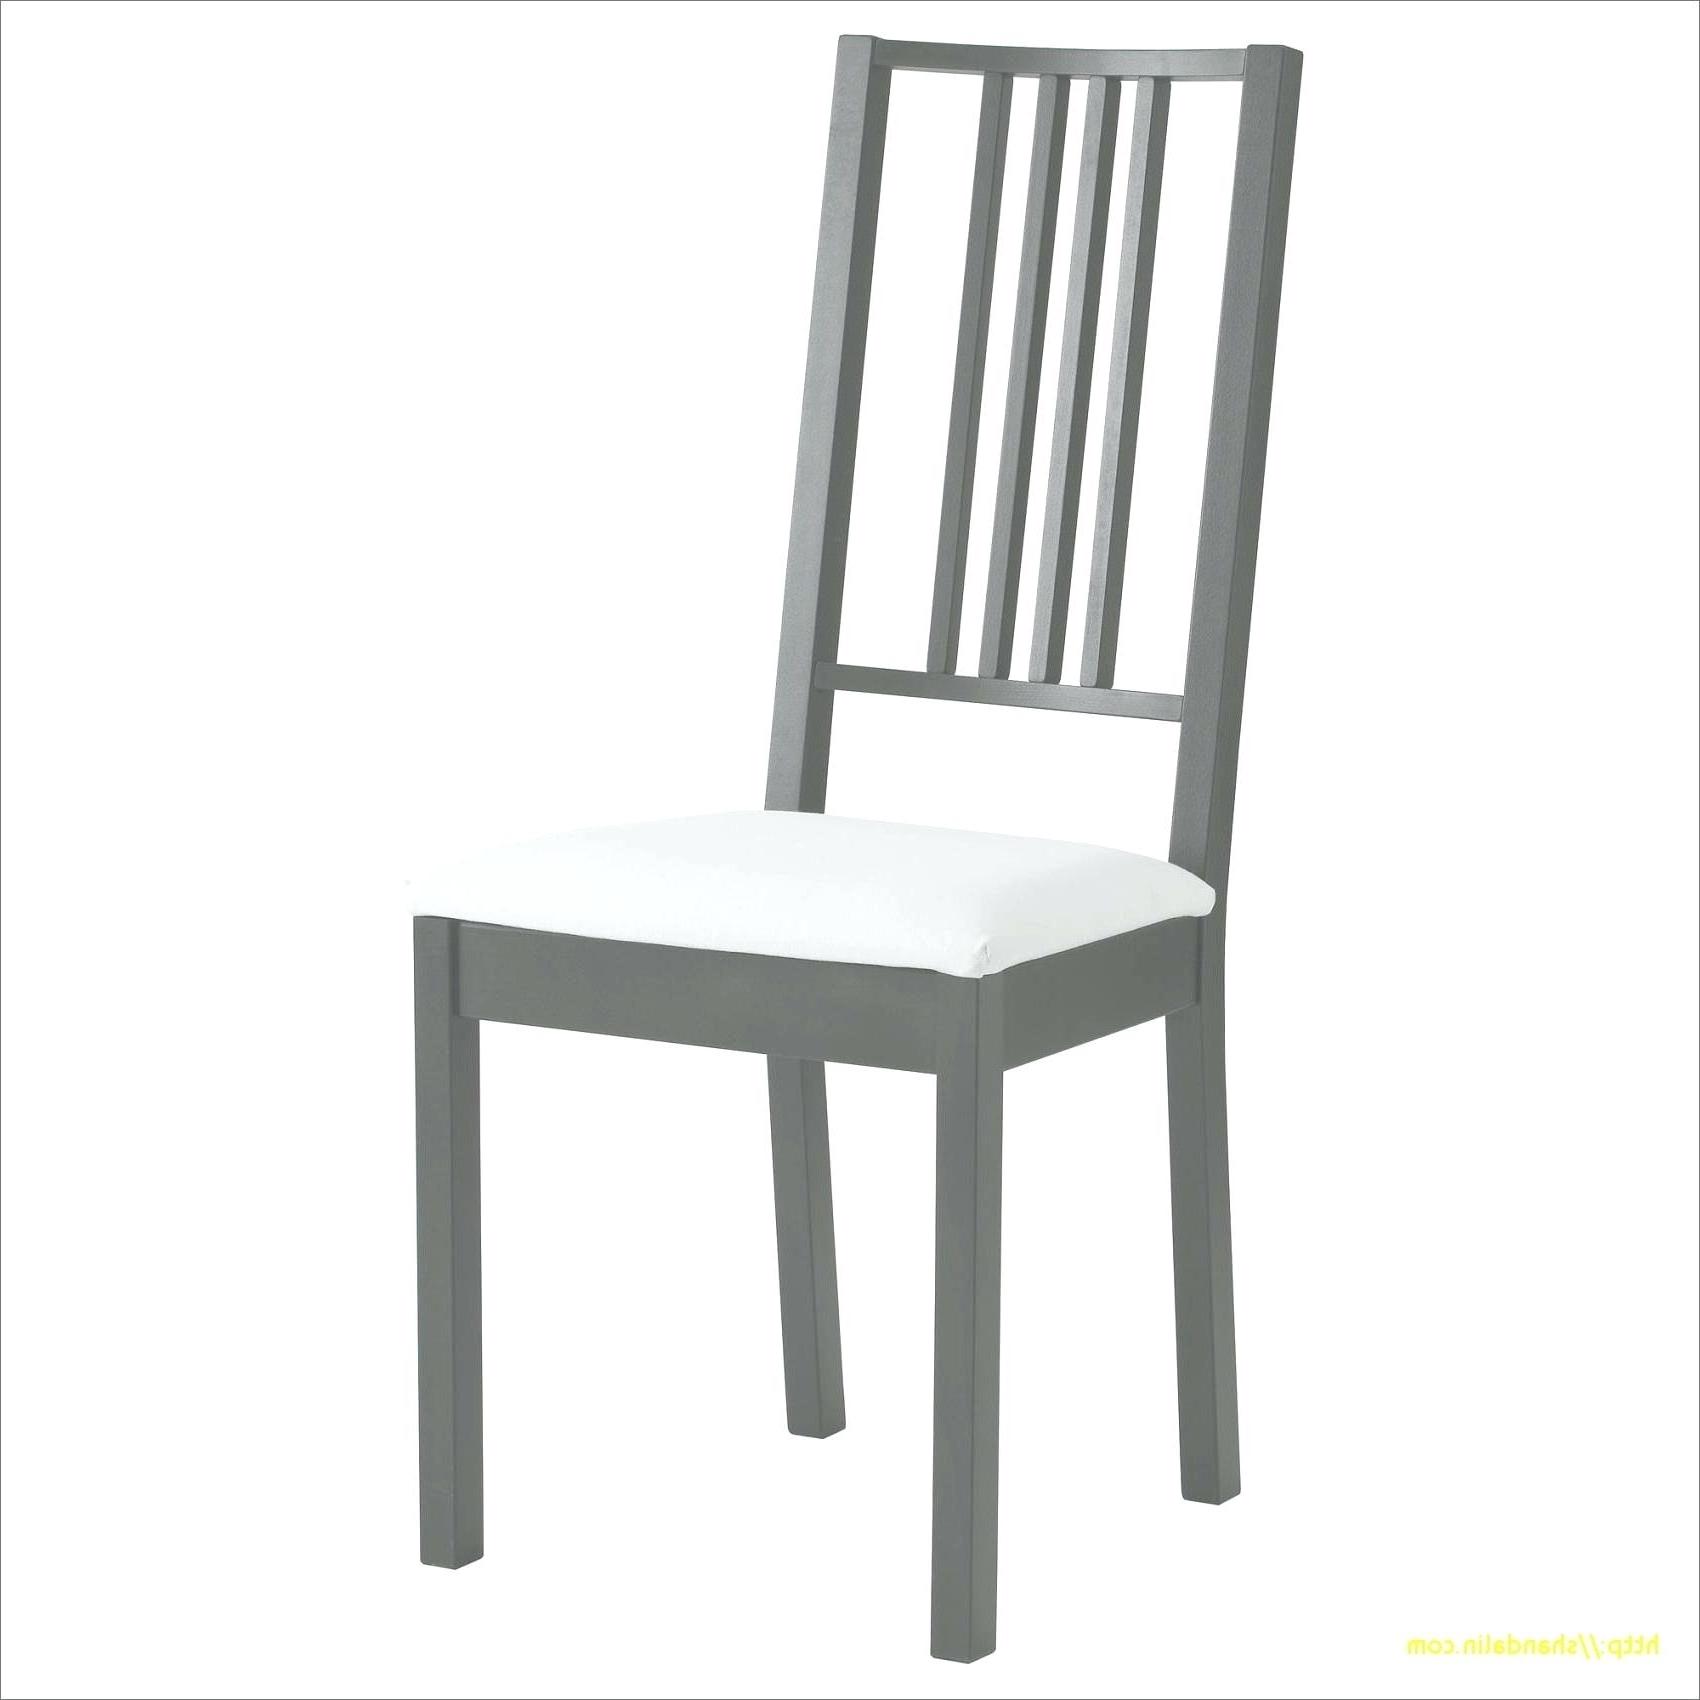 Newest Ikea Chaises Regarding Chaise Cuisine Ikea De Unique Chaises Salle Eur Manger For Coin (View 9 of 15)